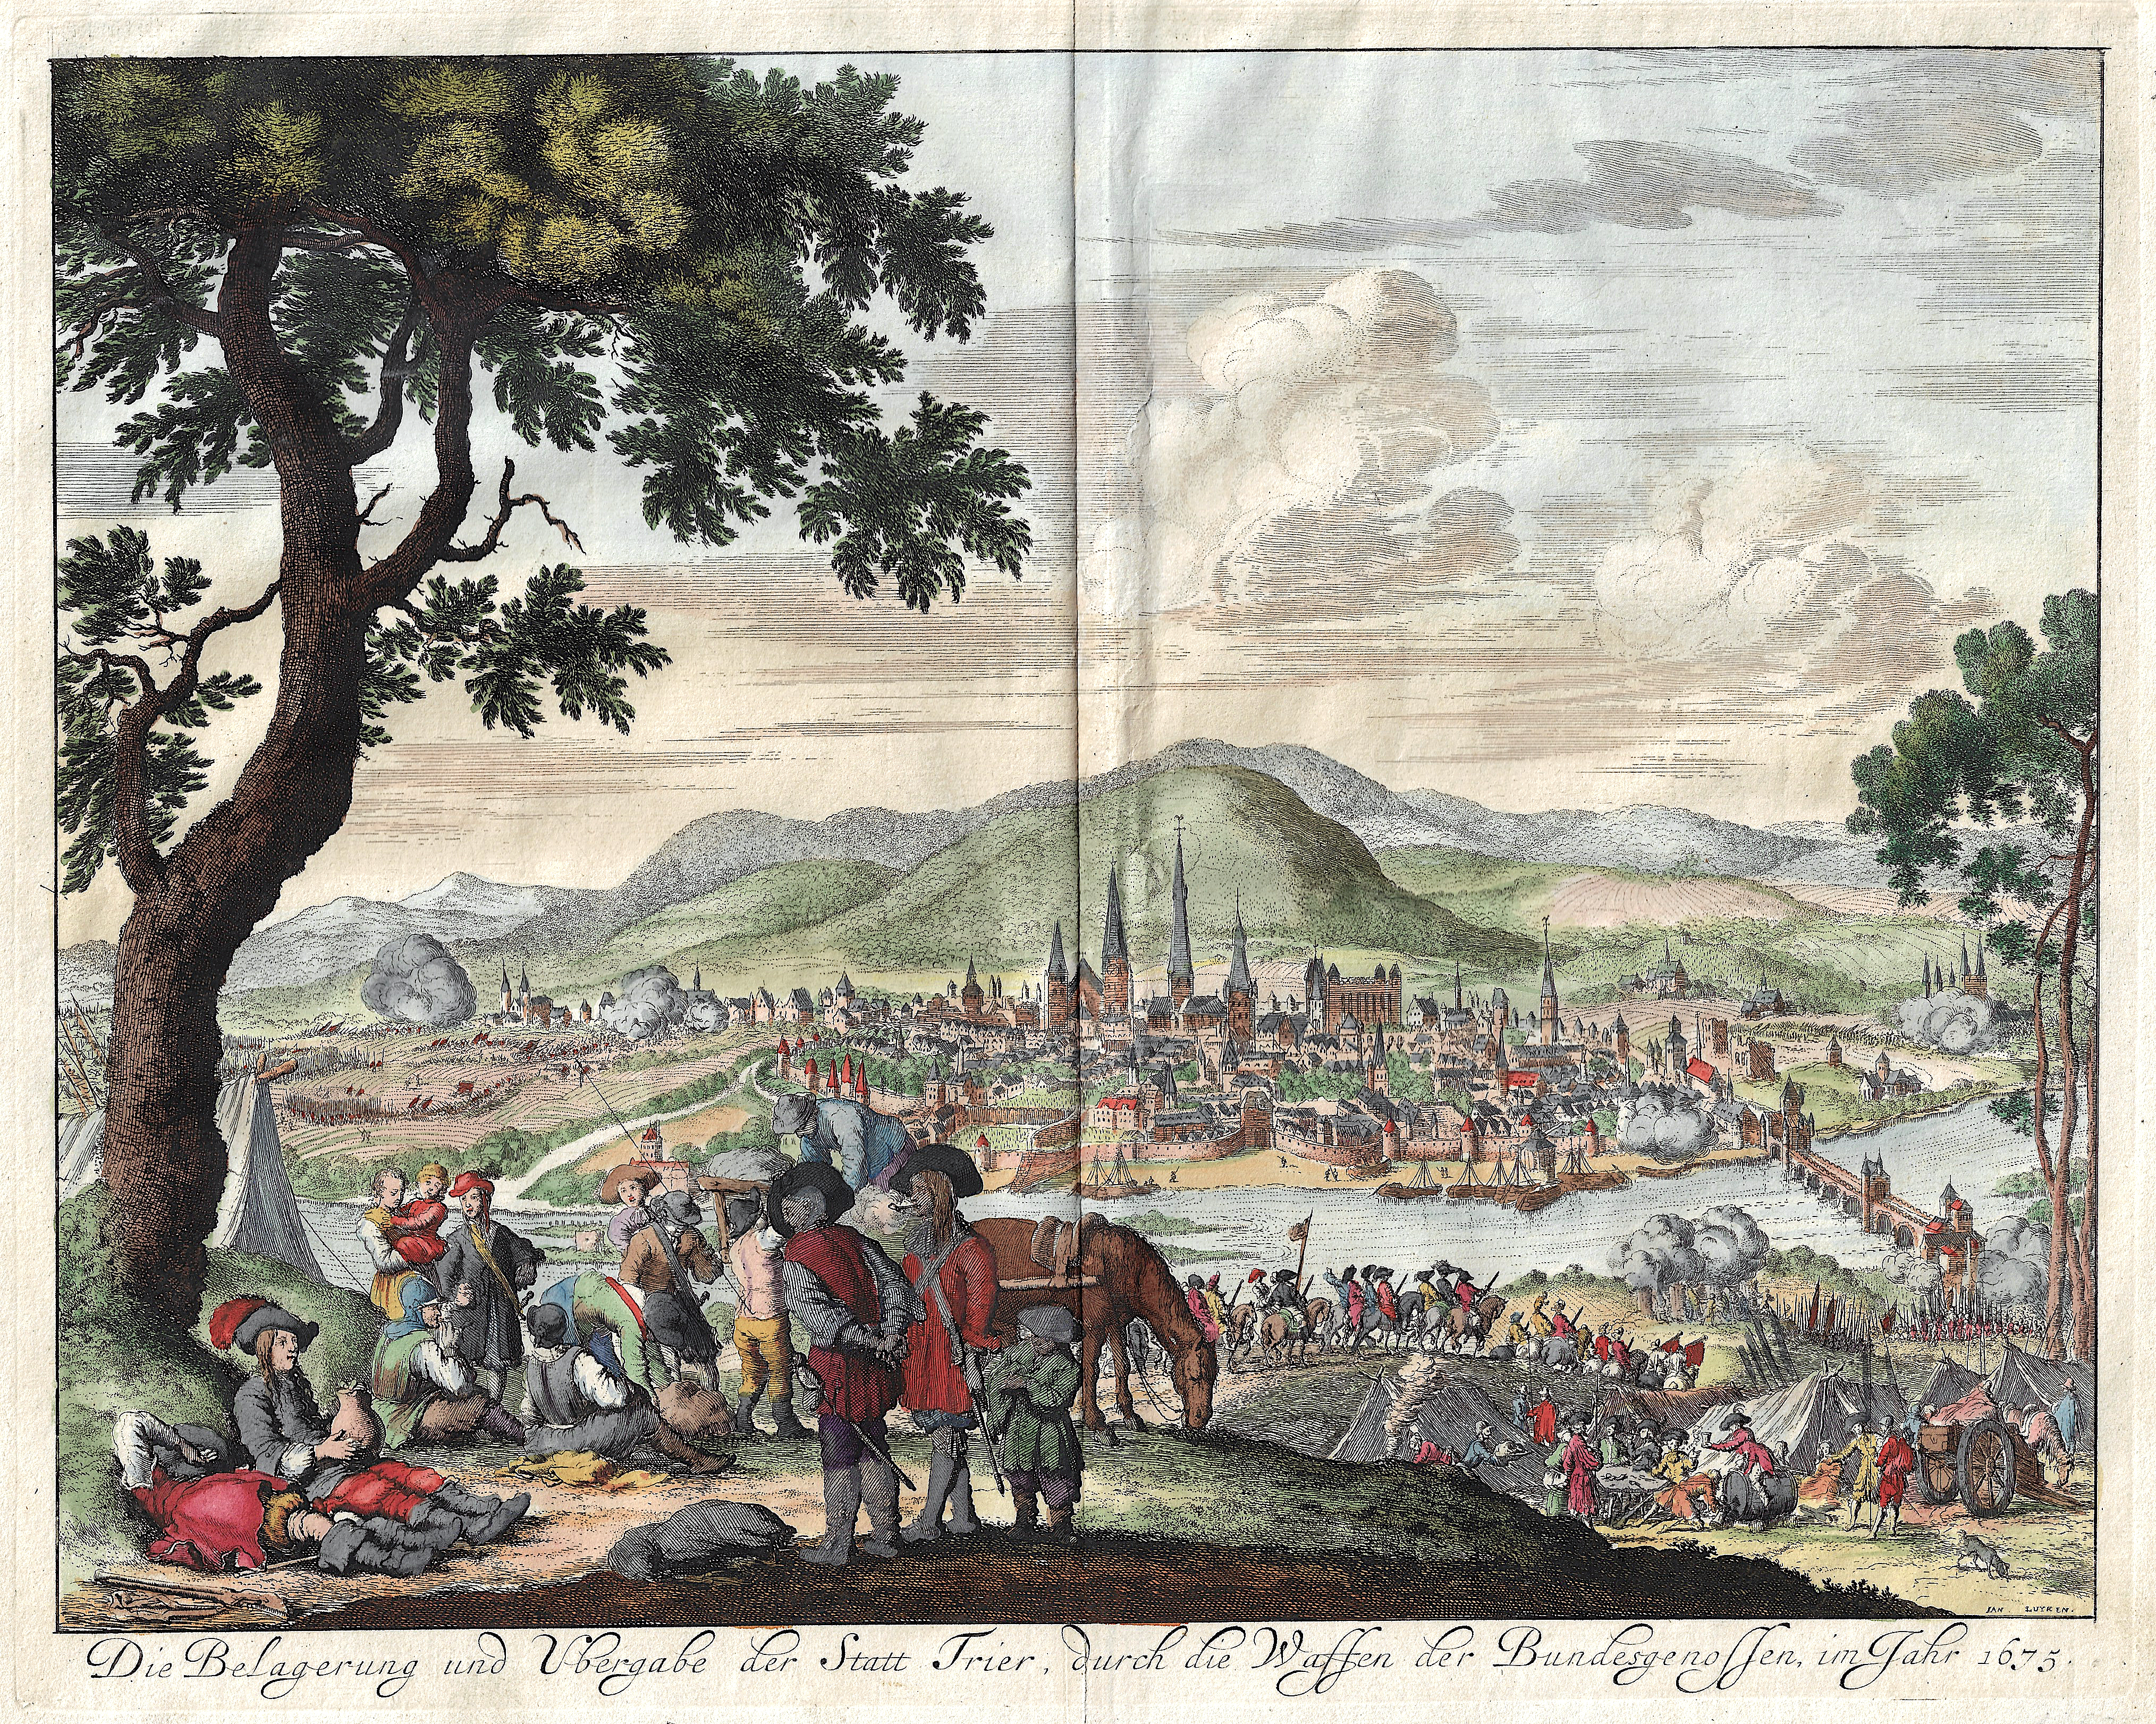 Luyken Jan Die Belagerung und Ubergabe der Statt Trier, durch die Waffen der Bundesgenossen, im Jahr 1675.